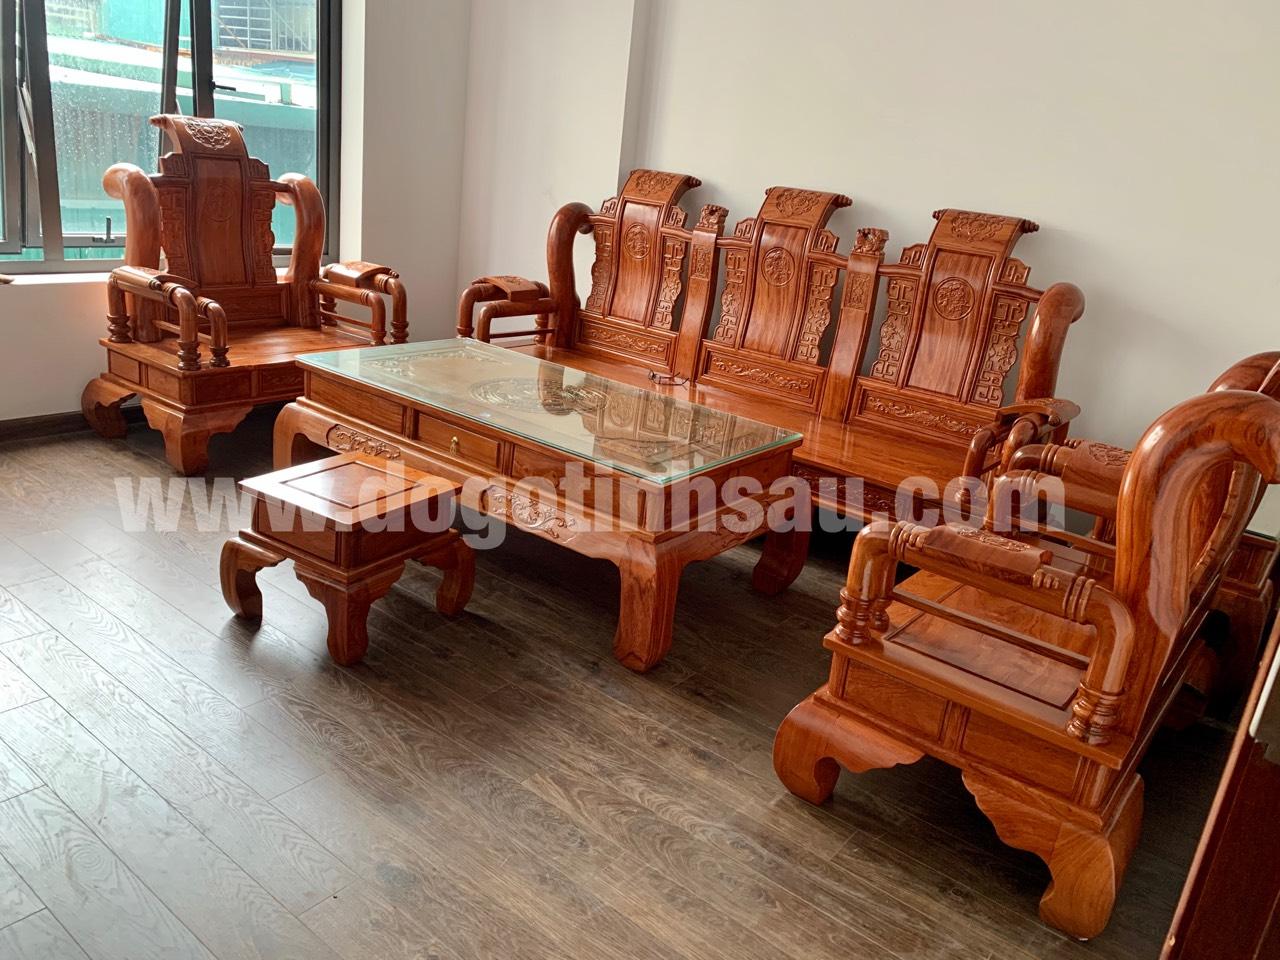 gia bo ban ghe tan thuy hoang tay 12 go huong da - Bộ bàn ghế Tần Thủy Hoàng cột 12 gỗ hương đá (cột liền)